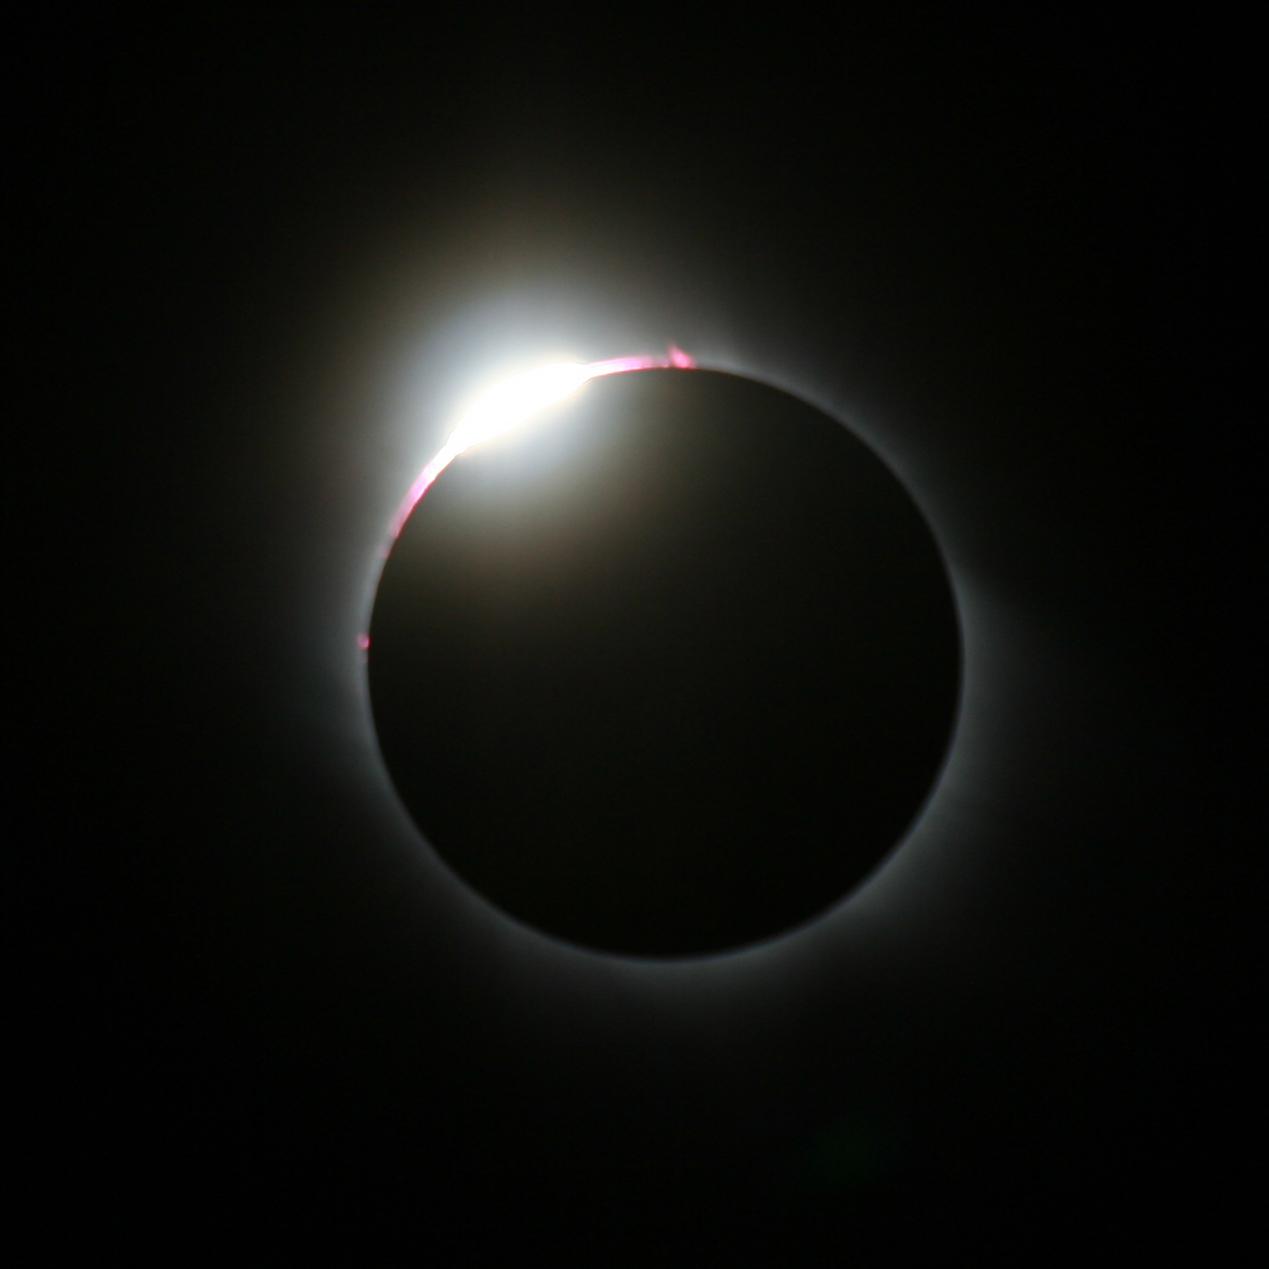 Sonnenfinsternis mit Diamantring am 29. März 2006